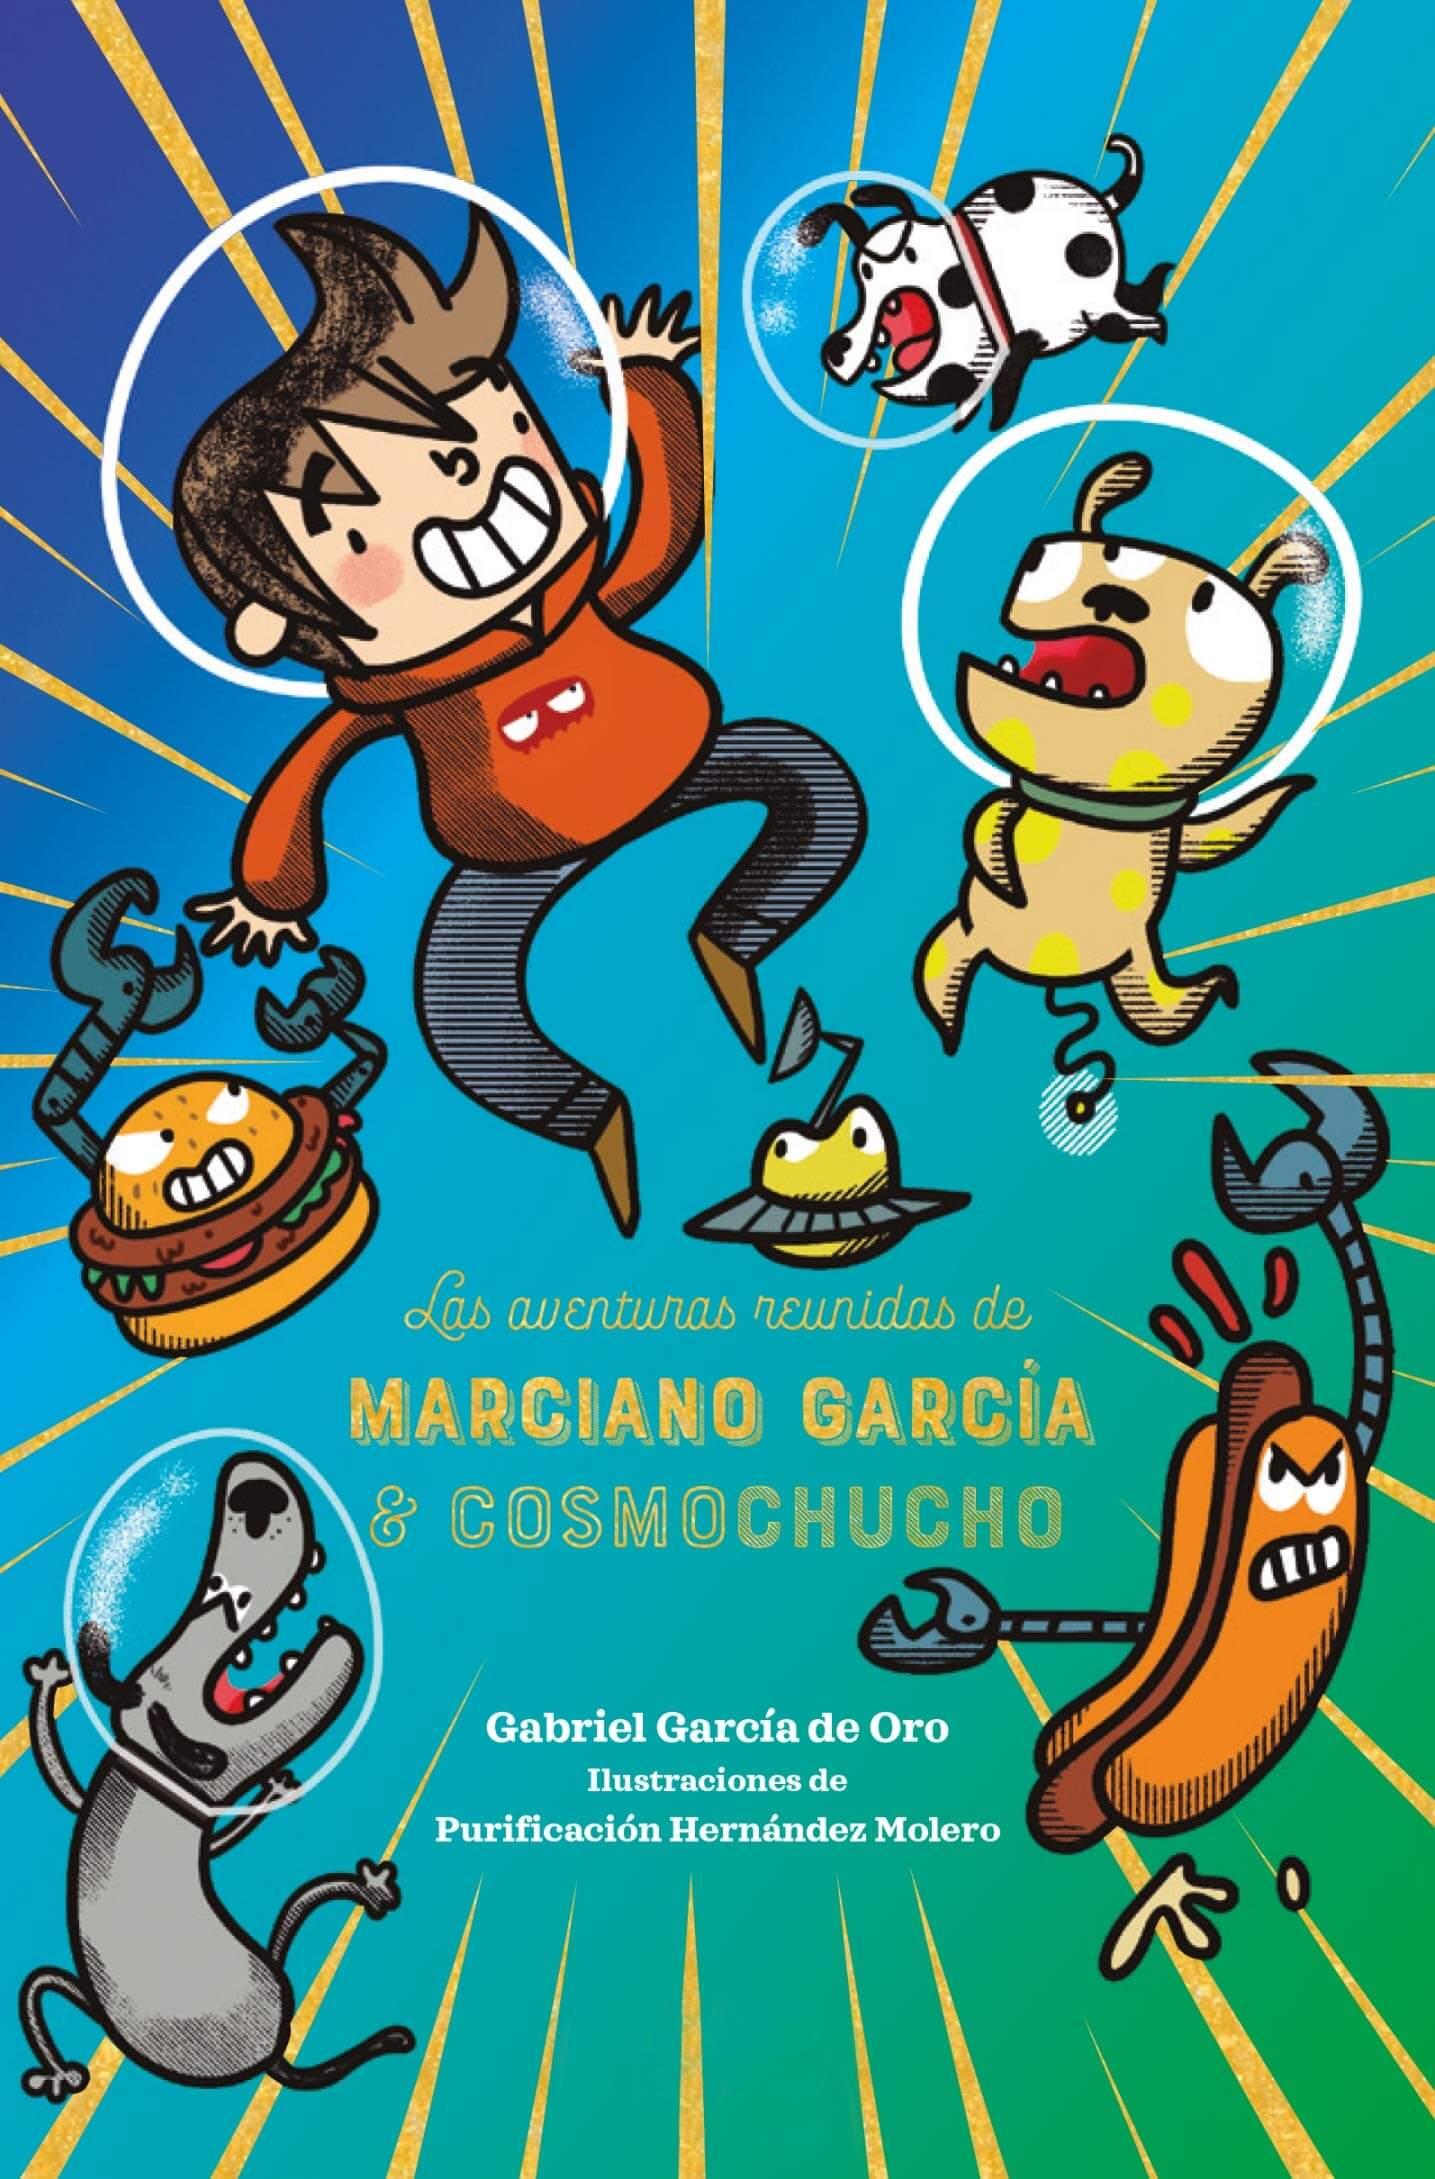 Las aventuras reunidas de Mariano García y Cosmochucho